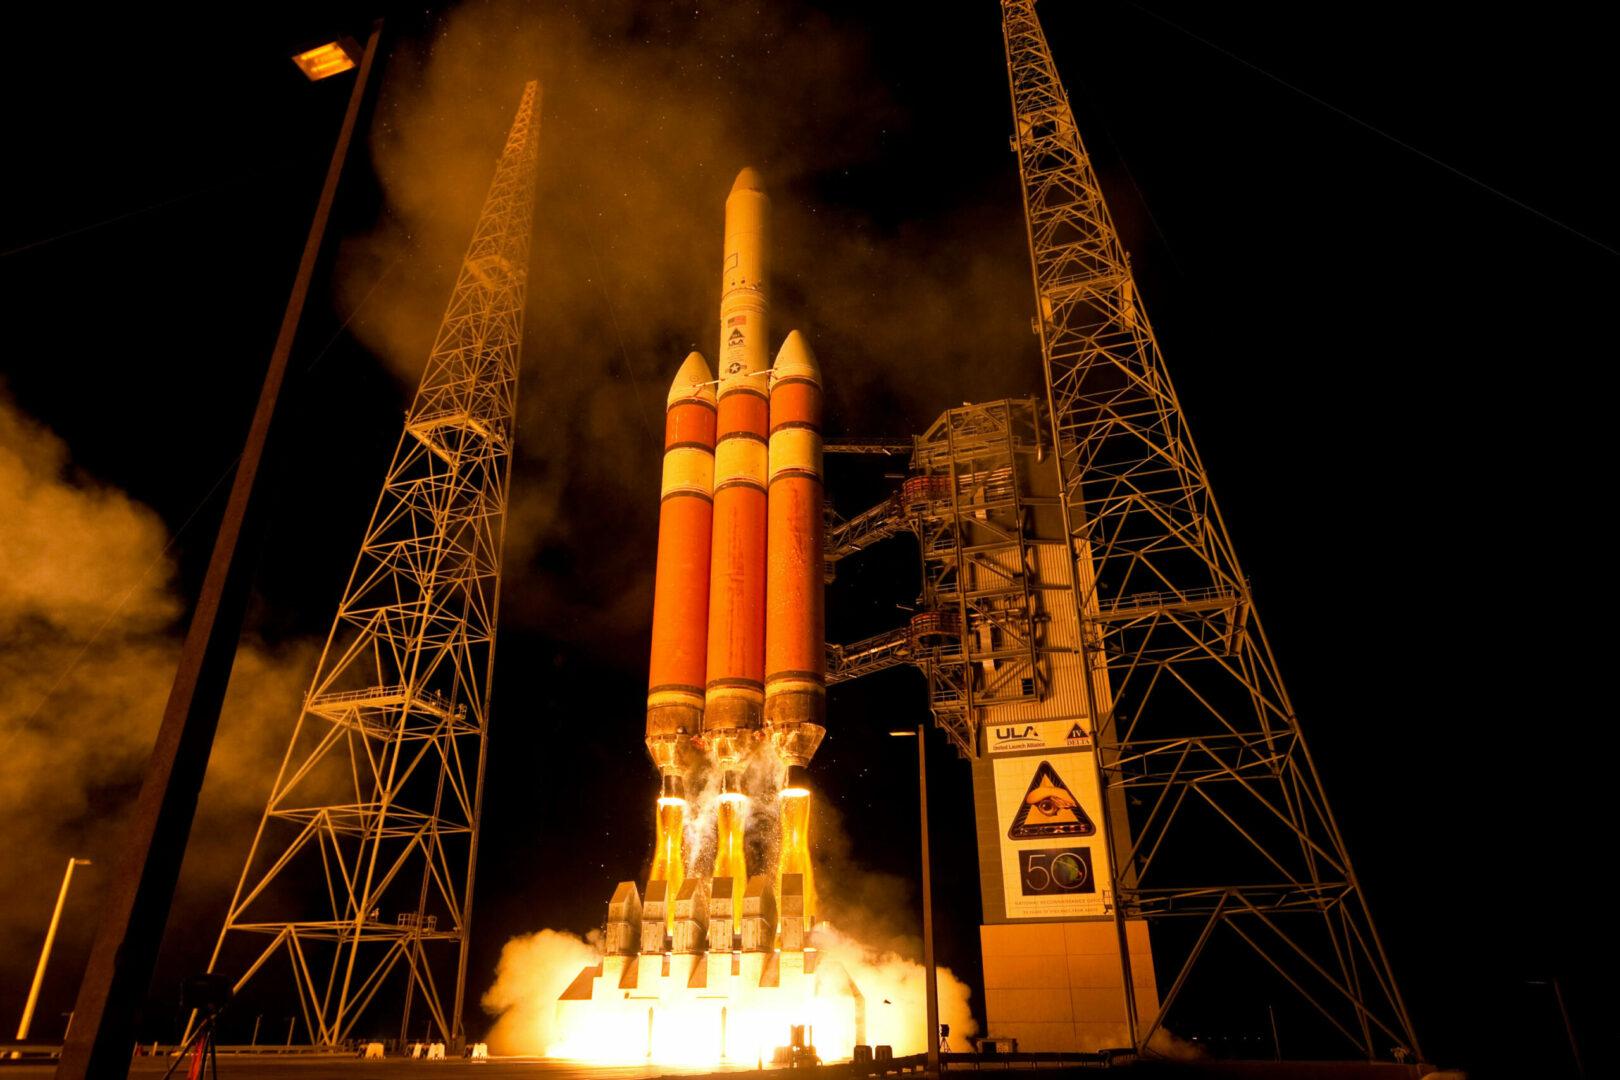 Launch of Delta IV NROL-32, Cape Canaveral AFS, Florida. November 21, 2010